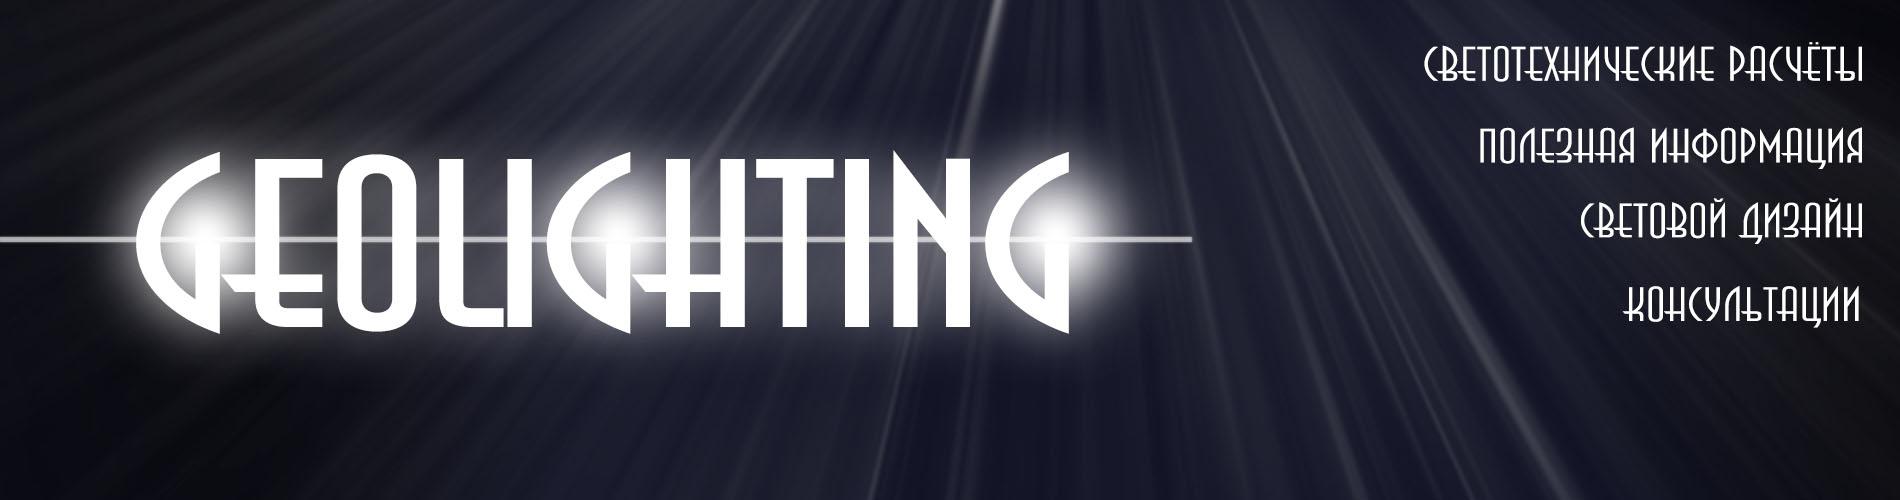 Geolighting.ru | Геолайтинг